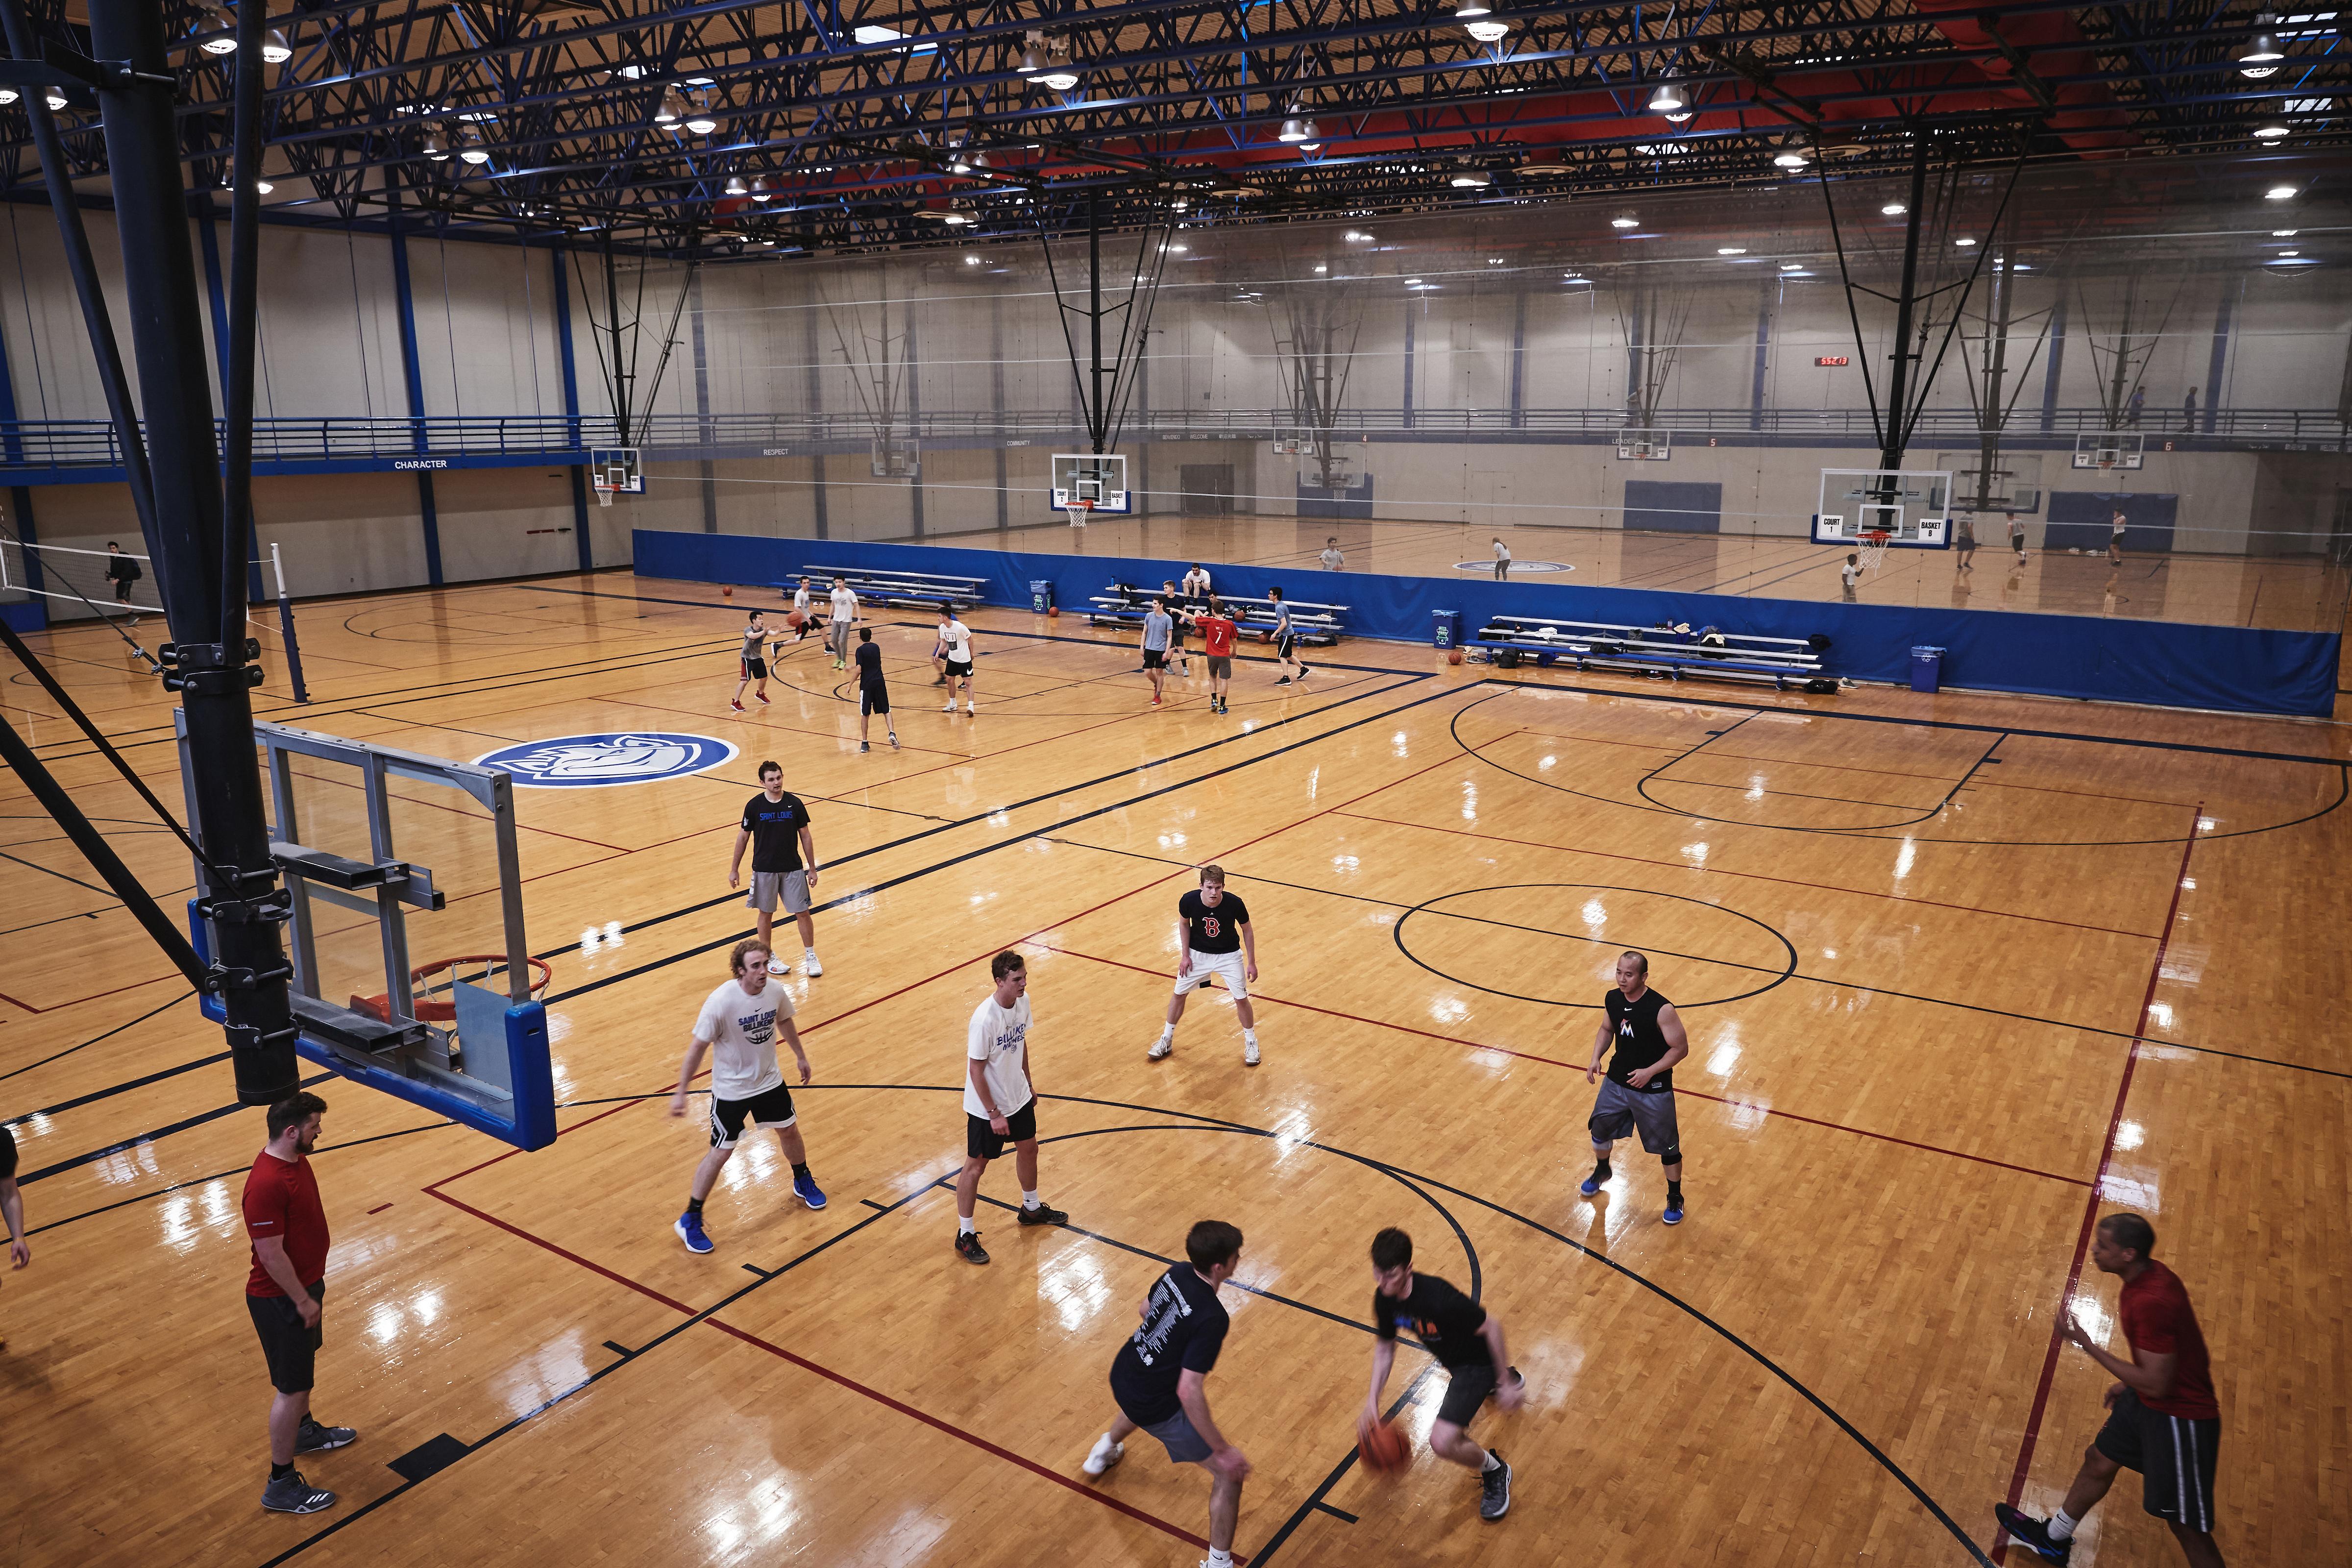 SLU Simon Recreation Center